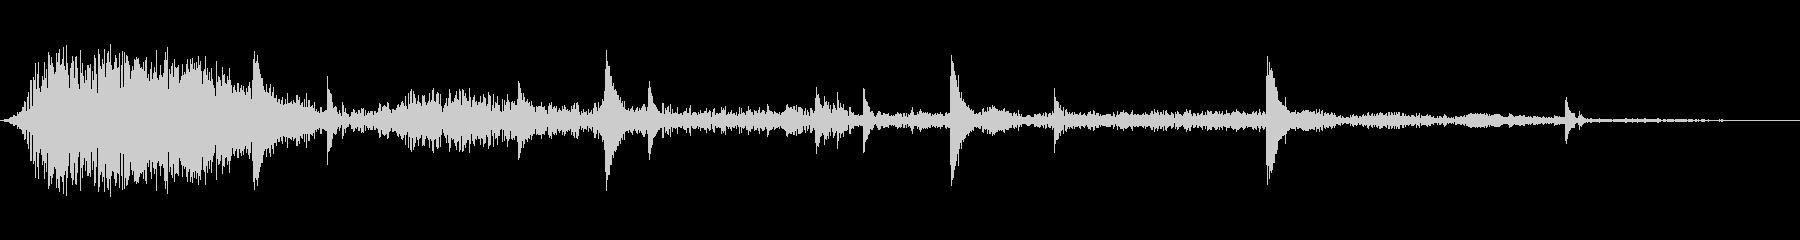 メタルマニア、メタルドアクリークオ...の未再生の波形